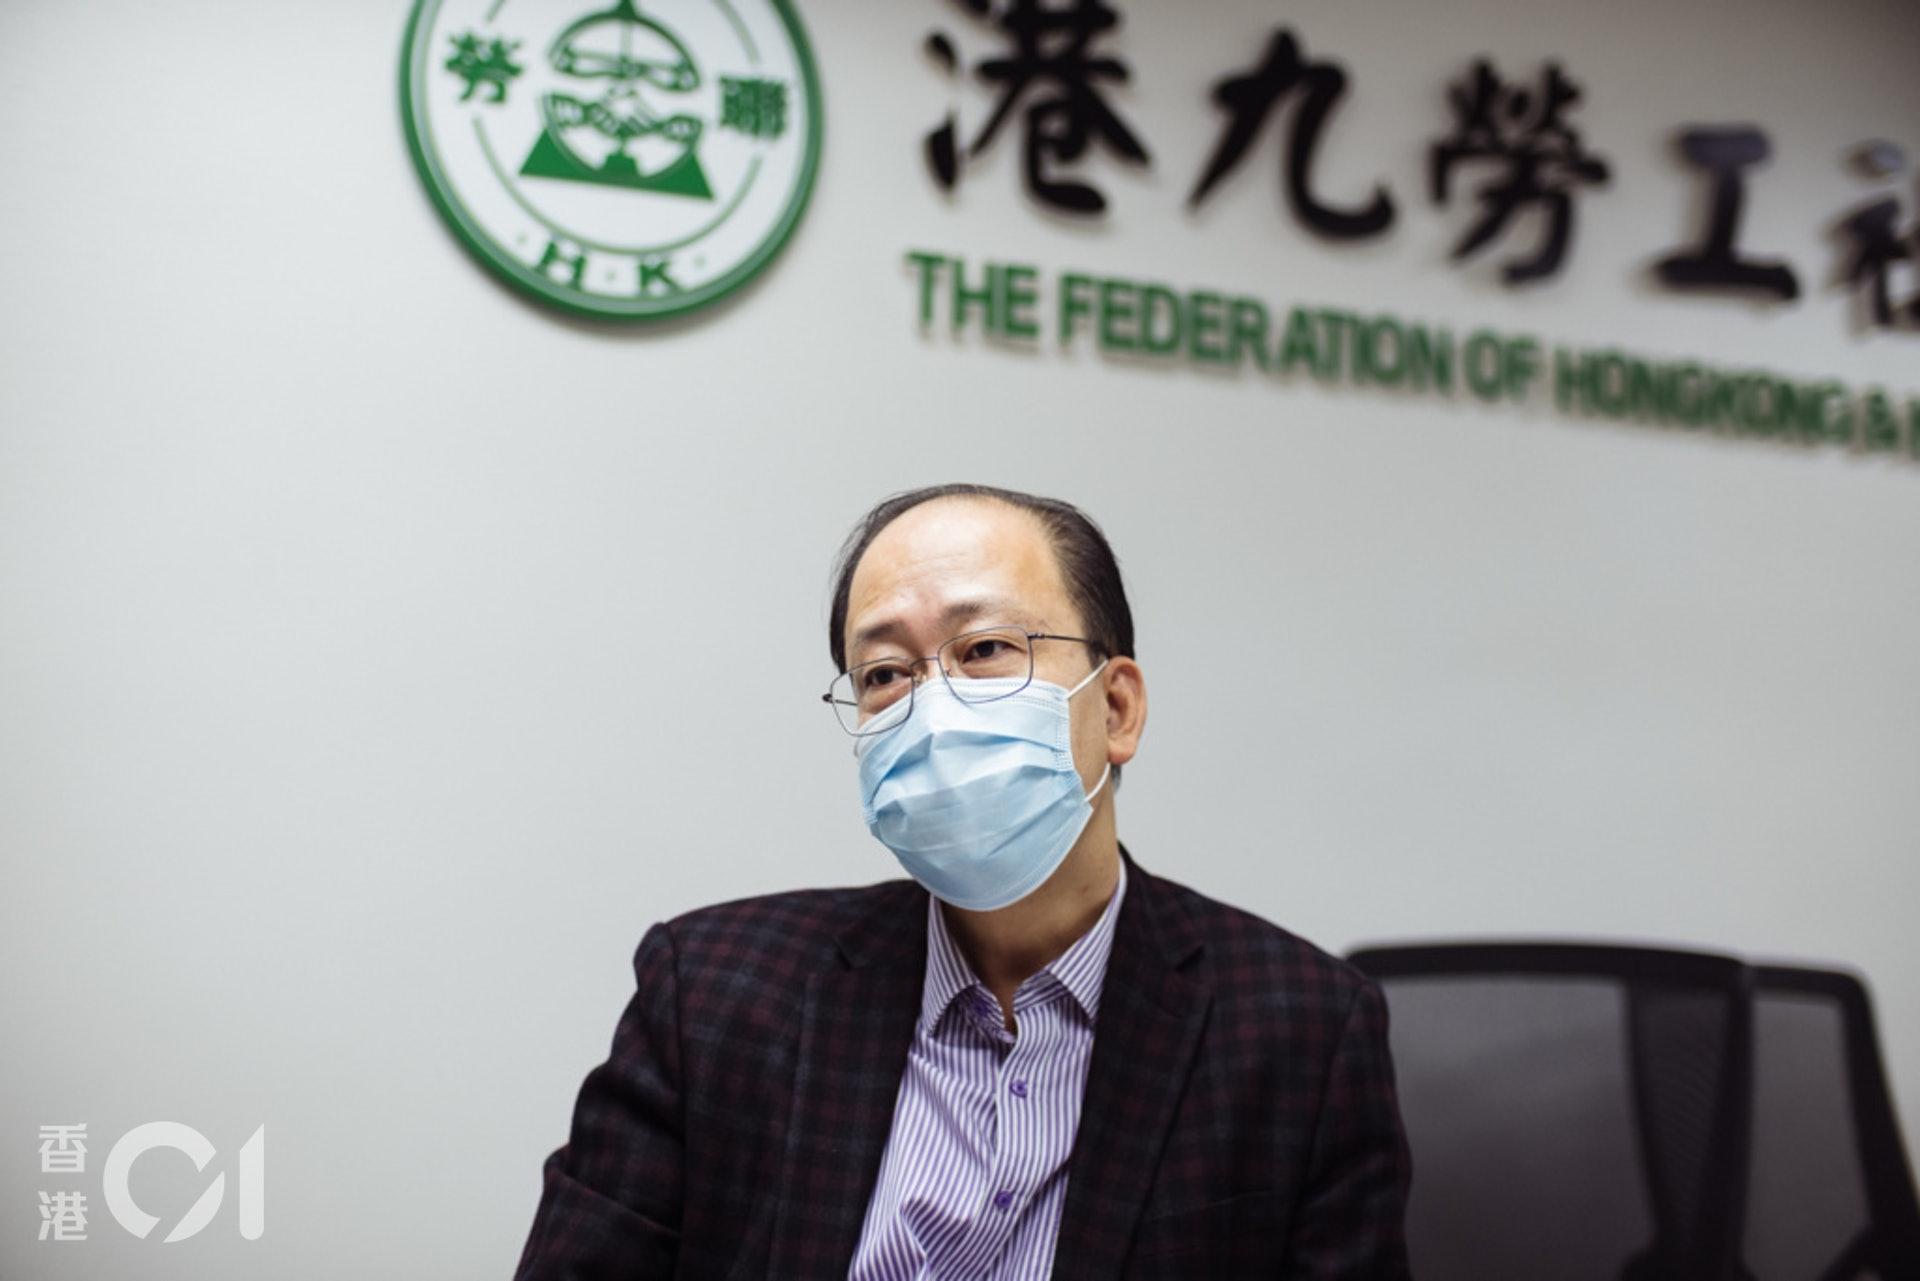 港九勞工社團聯會秘書長周小松指出,工會勢弱,沒有與僱主平等談判的法律保障。(歐嘉樂攝)